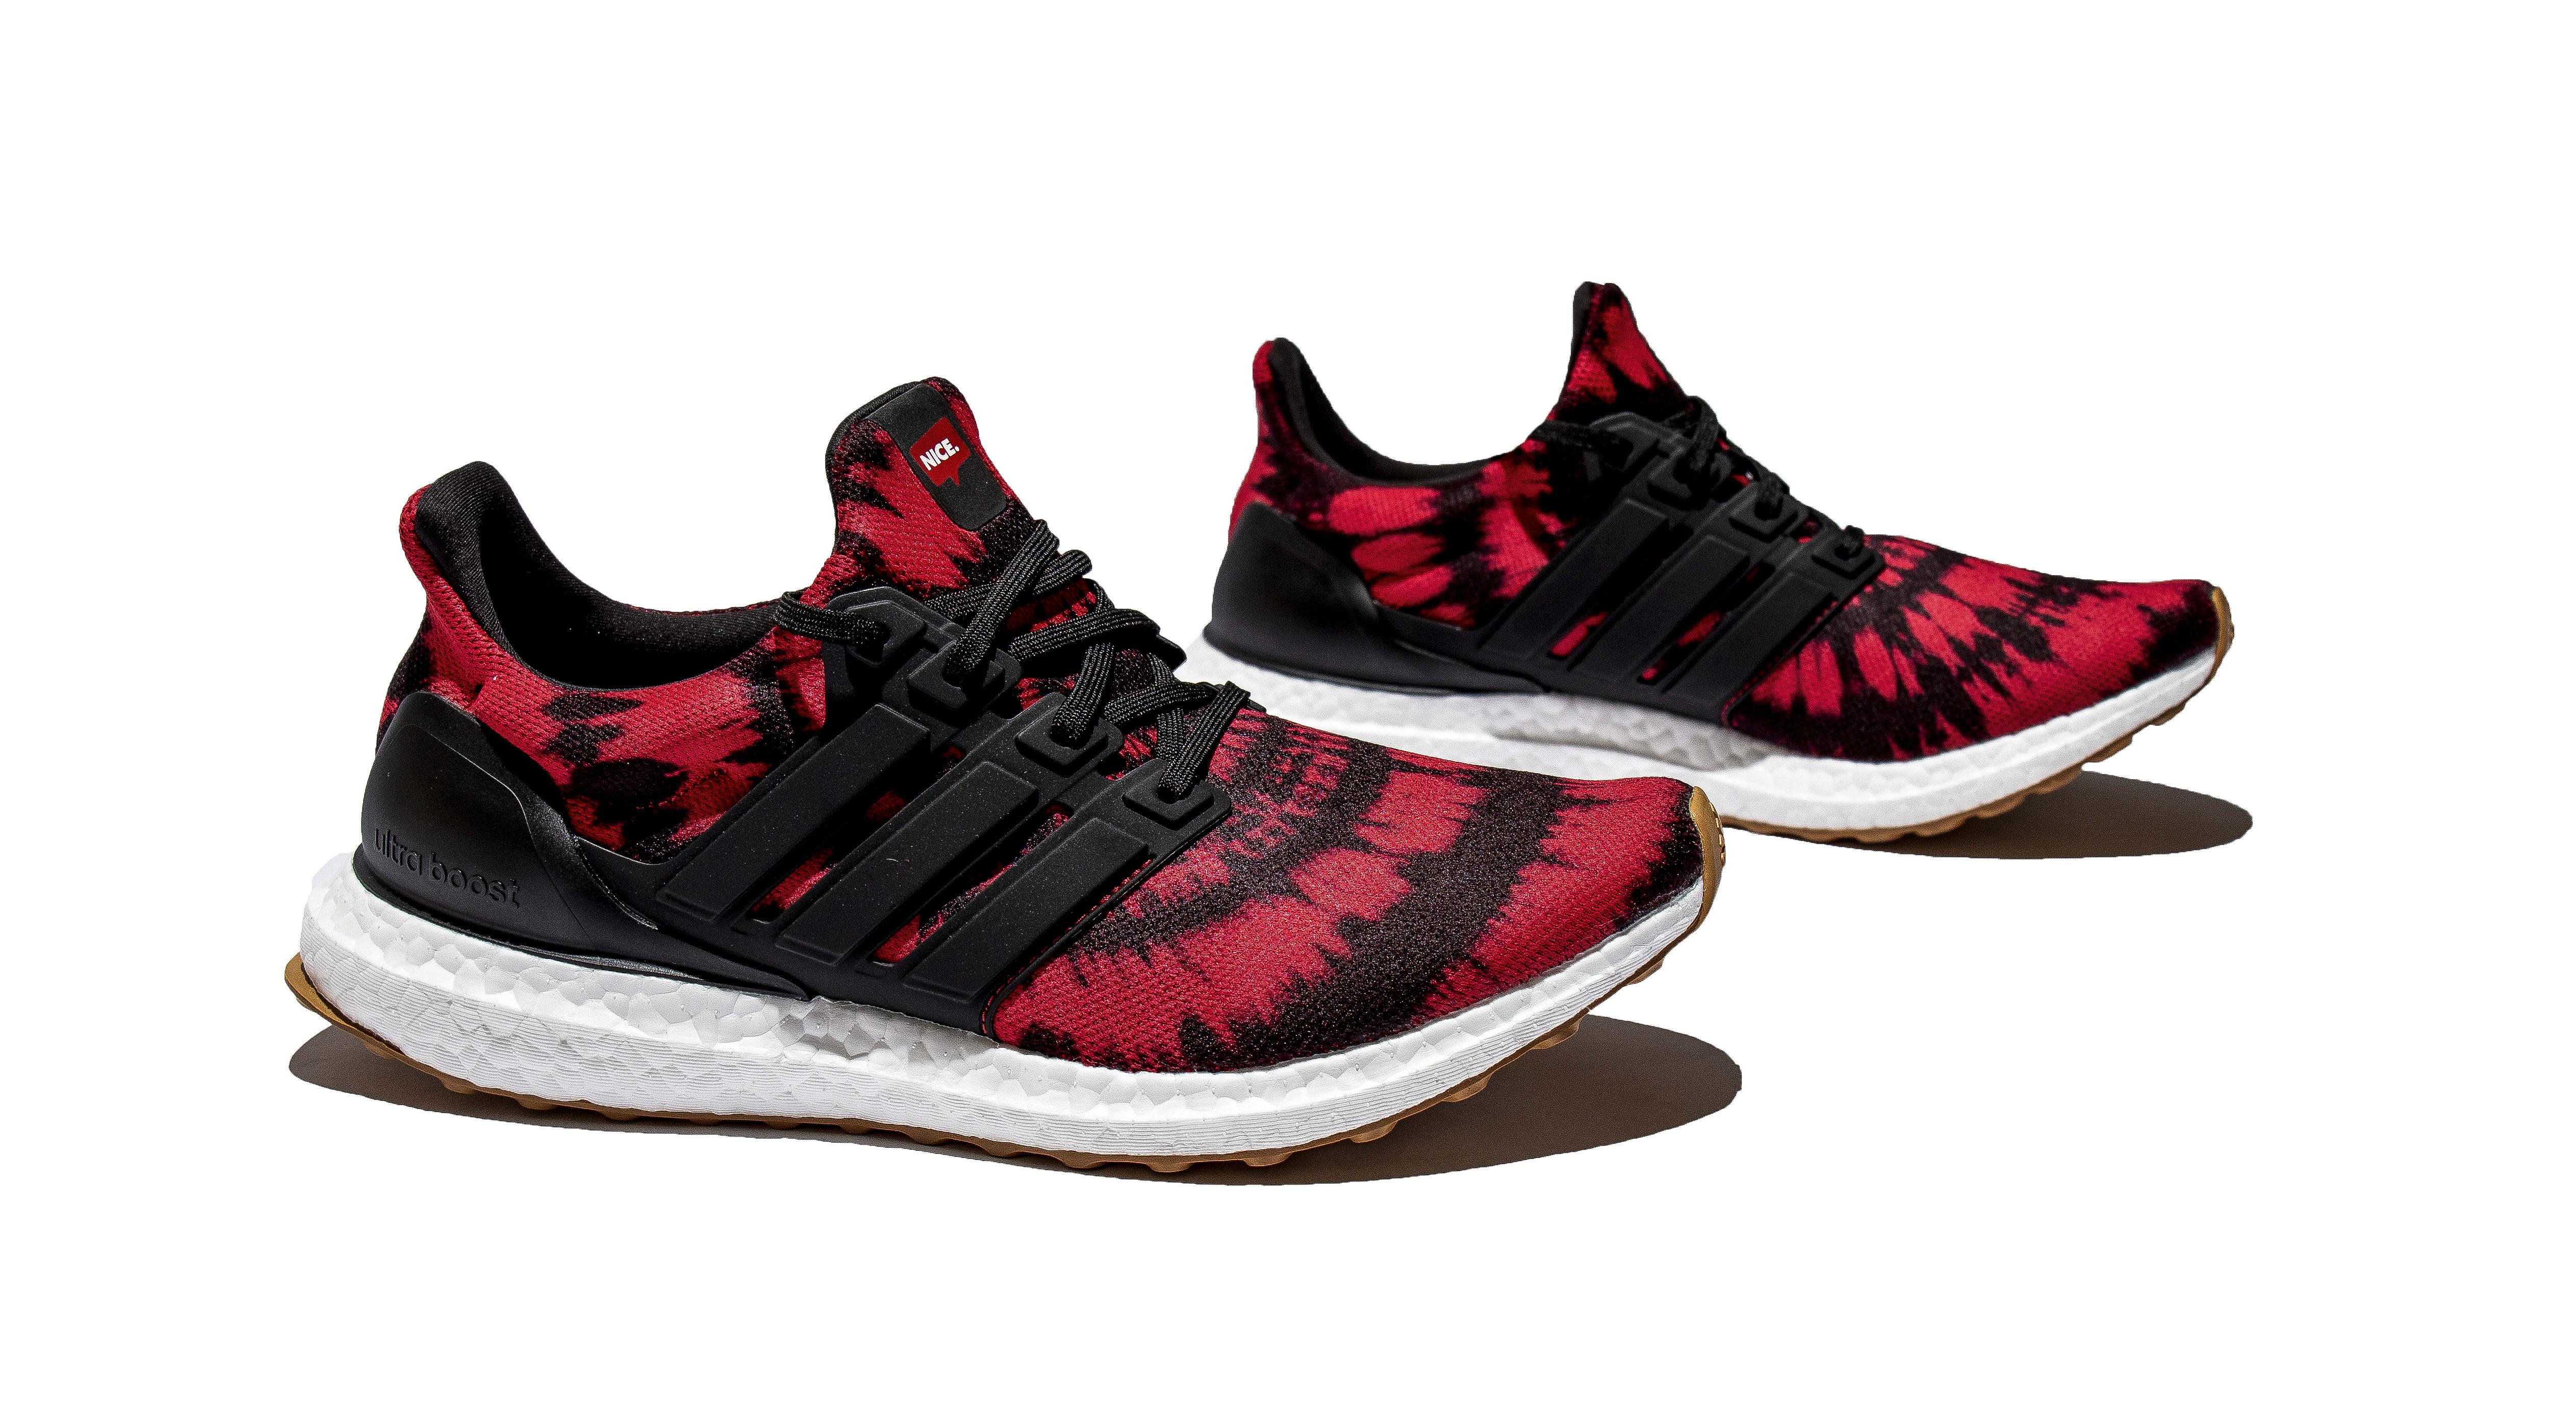 Nice Kicks x Adidas Ultra Boost 'No Vacancy' Lateral